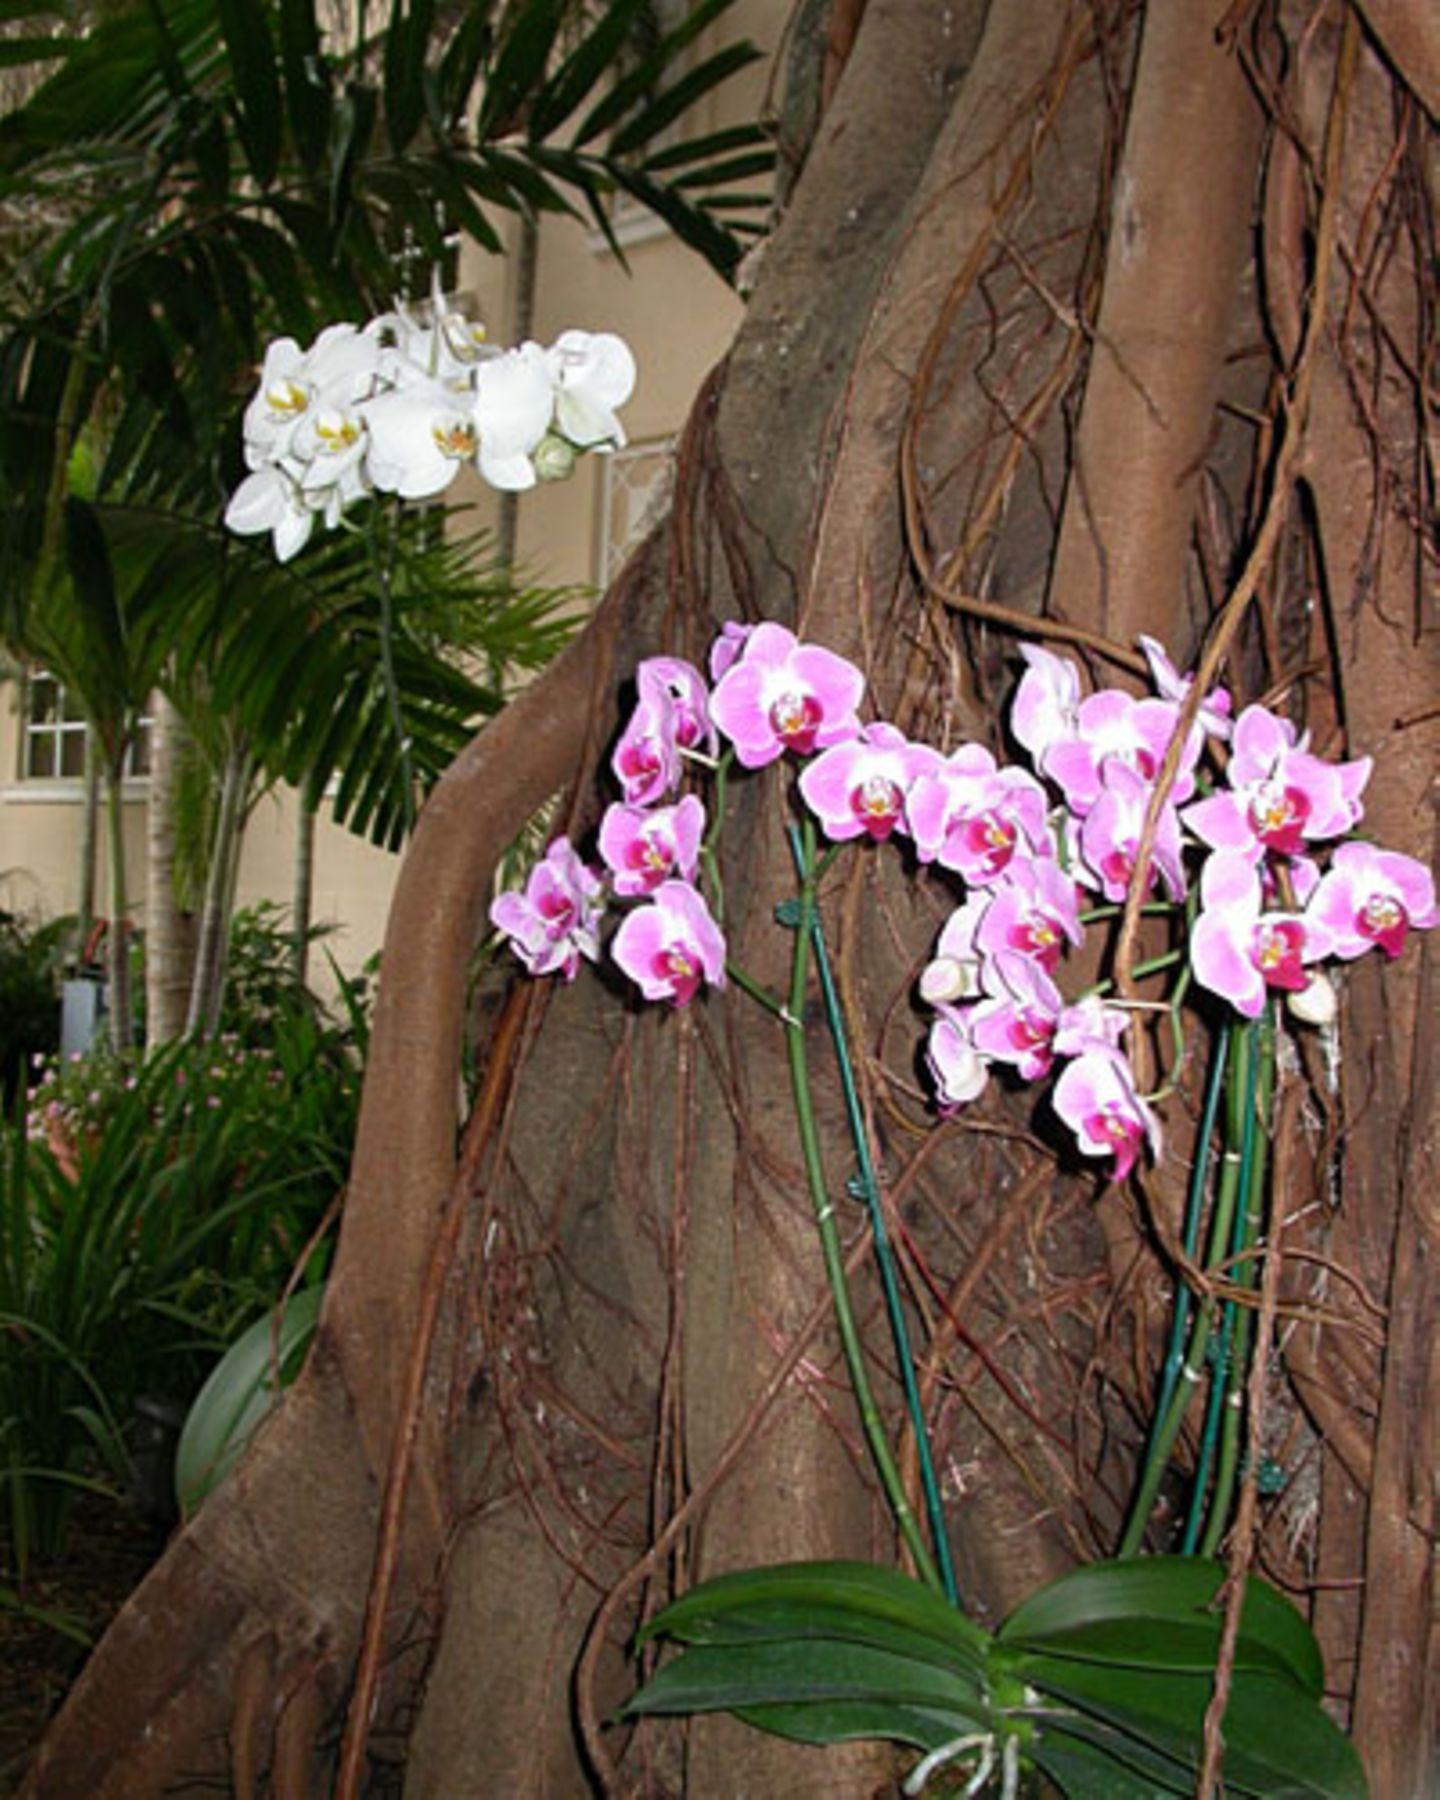 Orchideen gedeihen in dem feuchtheißen Klima Floridas prächtig – hier an einem Baum des Fairmont Turnberry Isle Hotels.